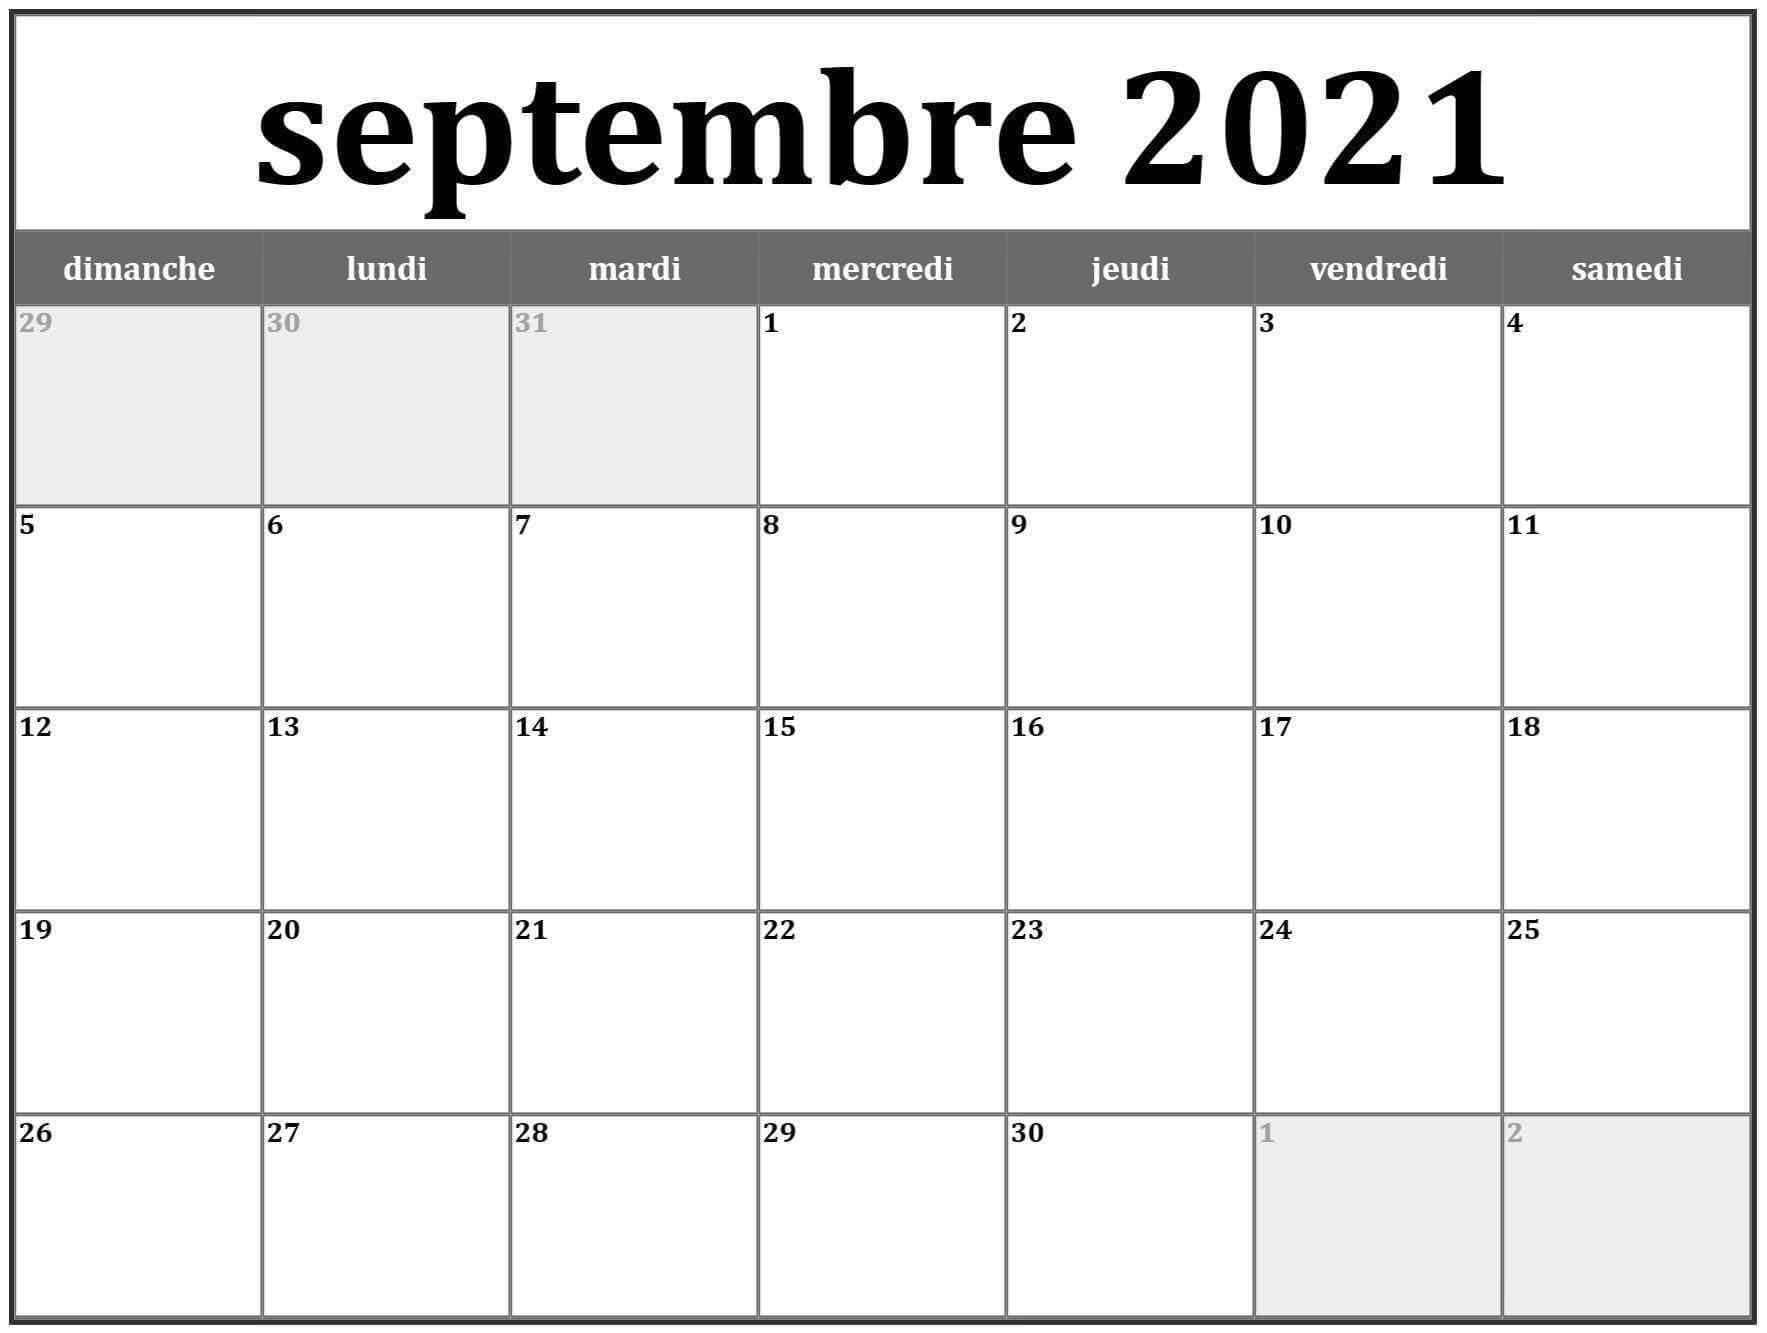 septembre 2021 calendrier